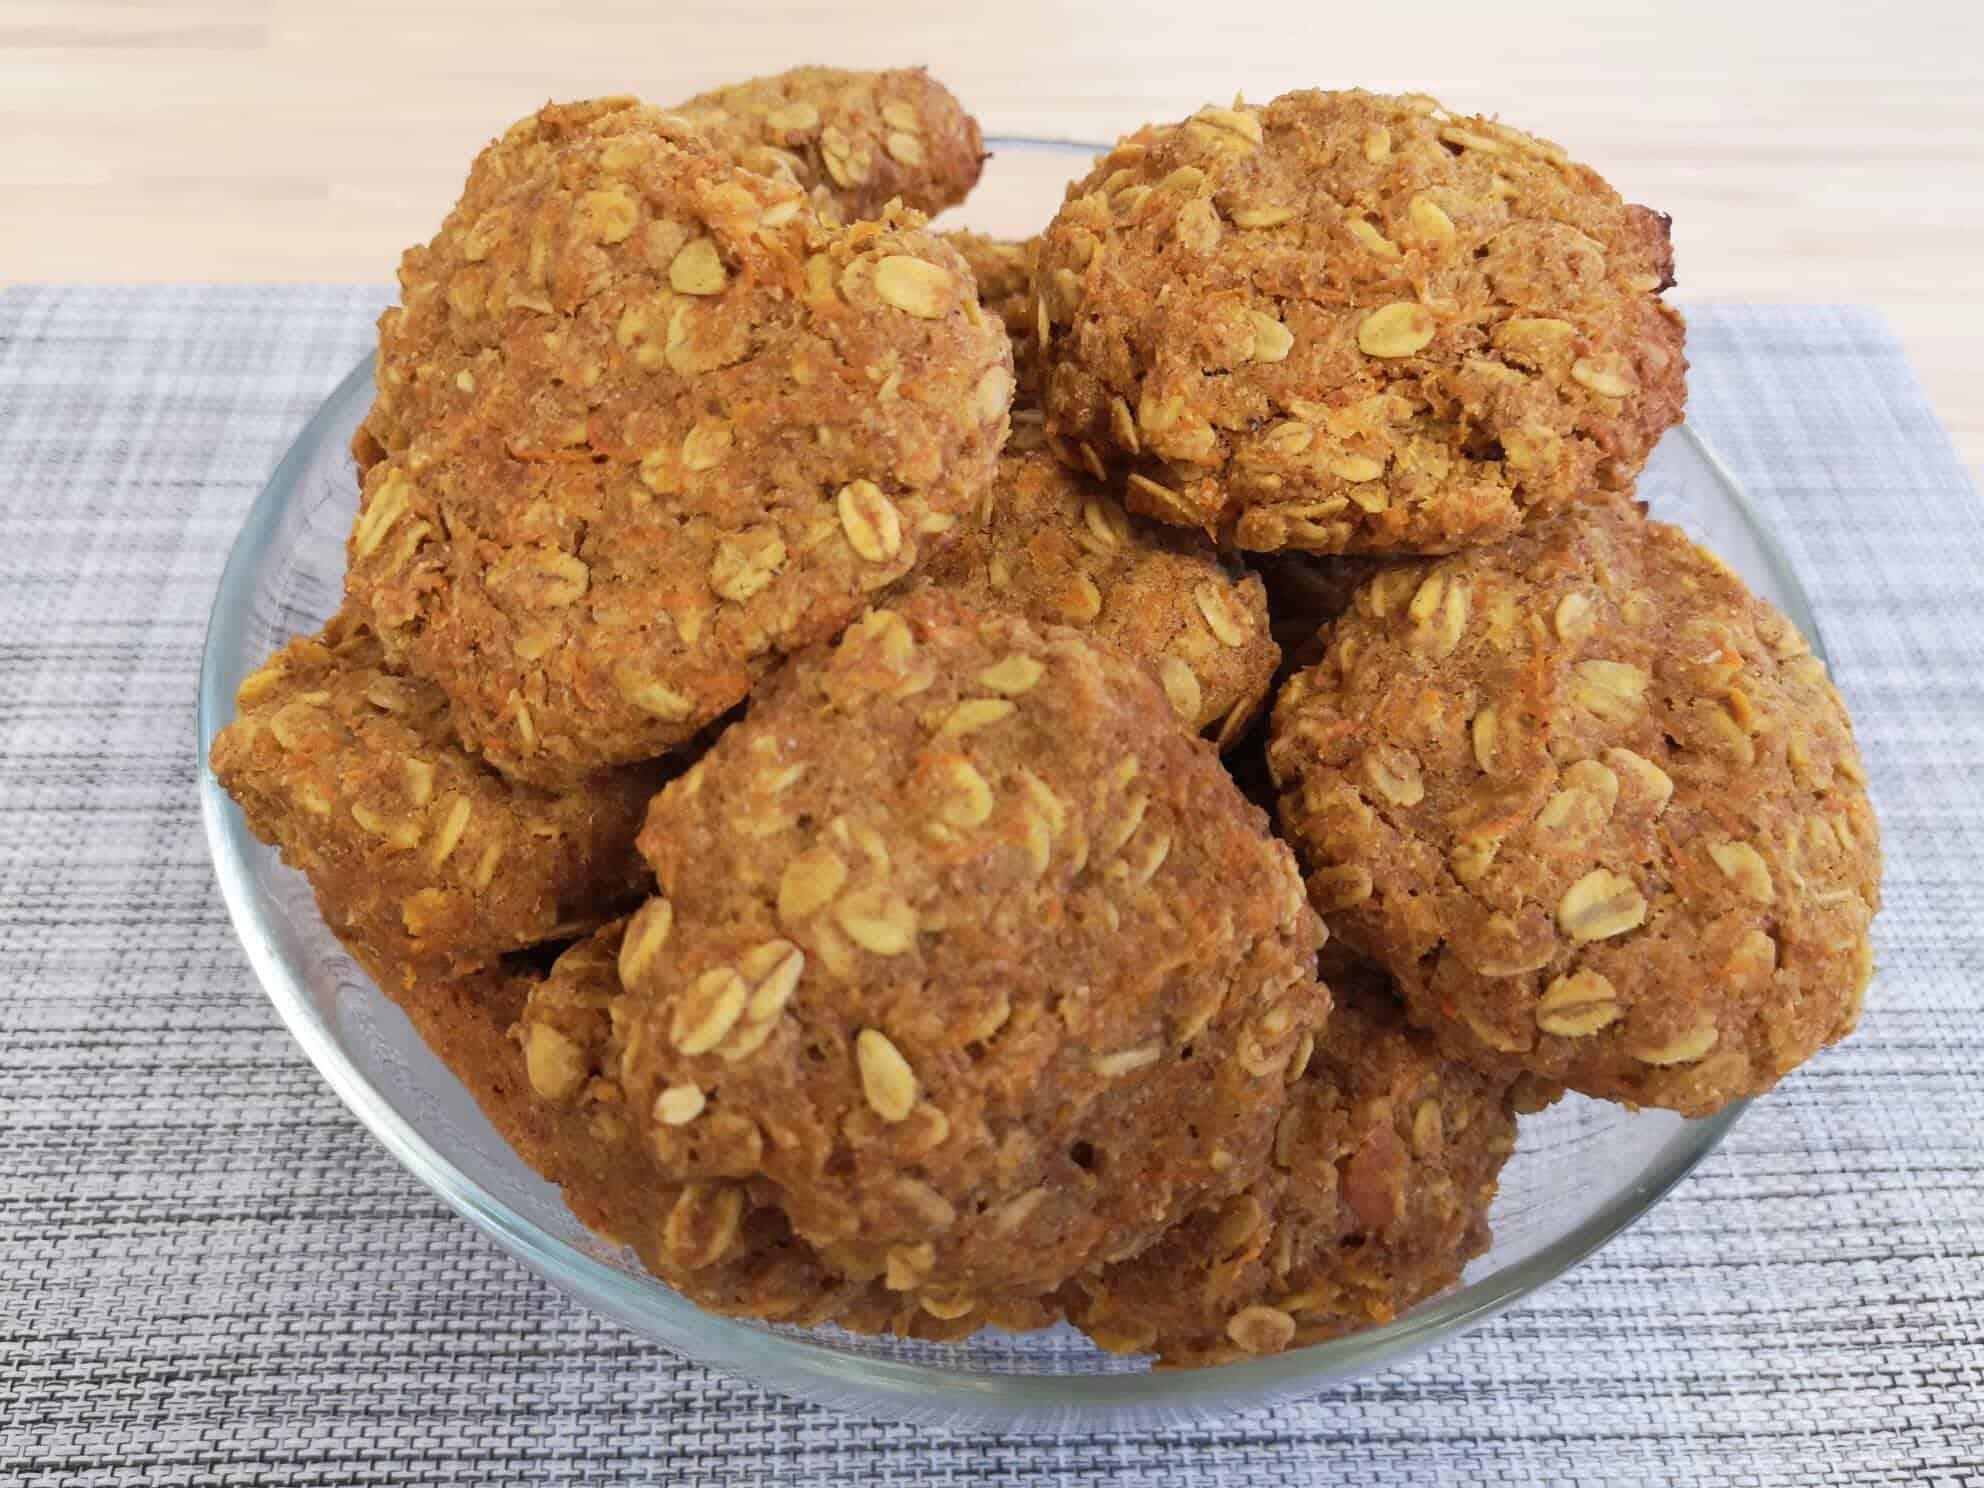 Avižiniai sausainiai su morkomis sveikas desertas receptas